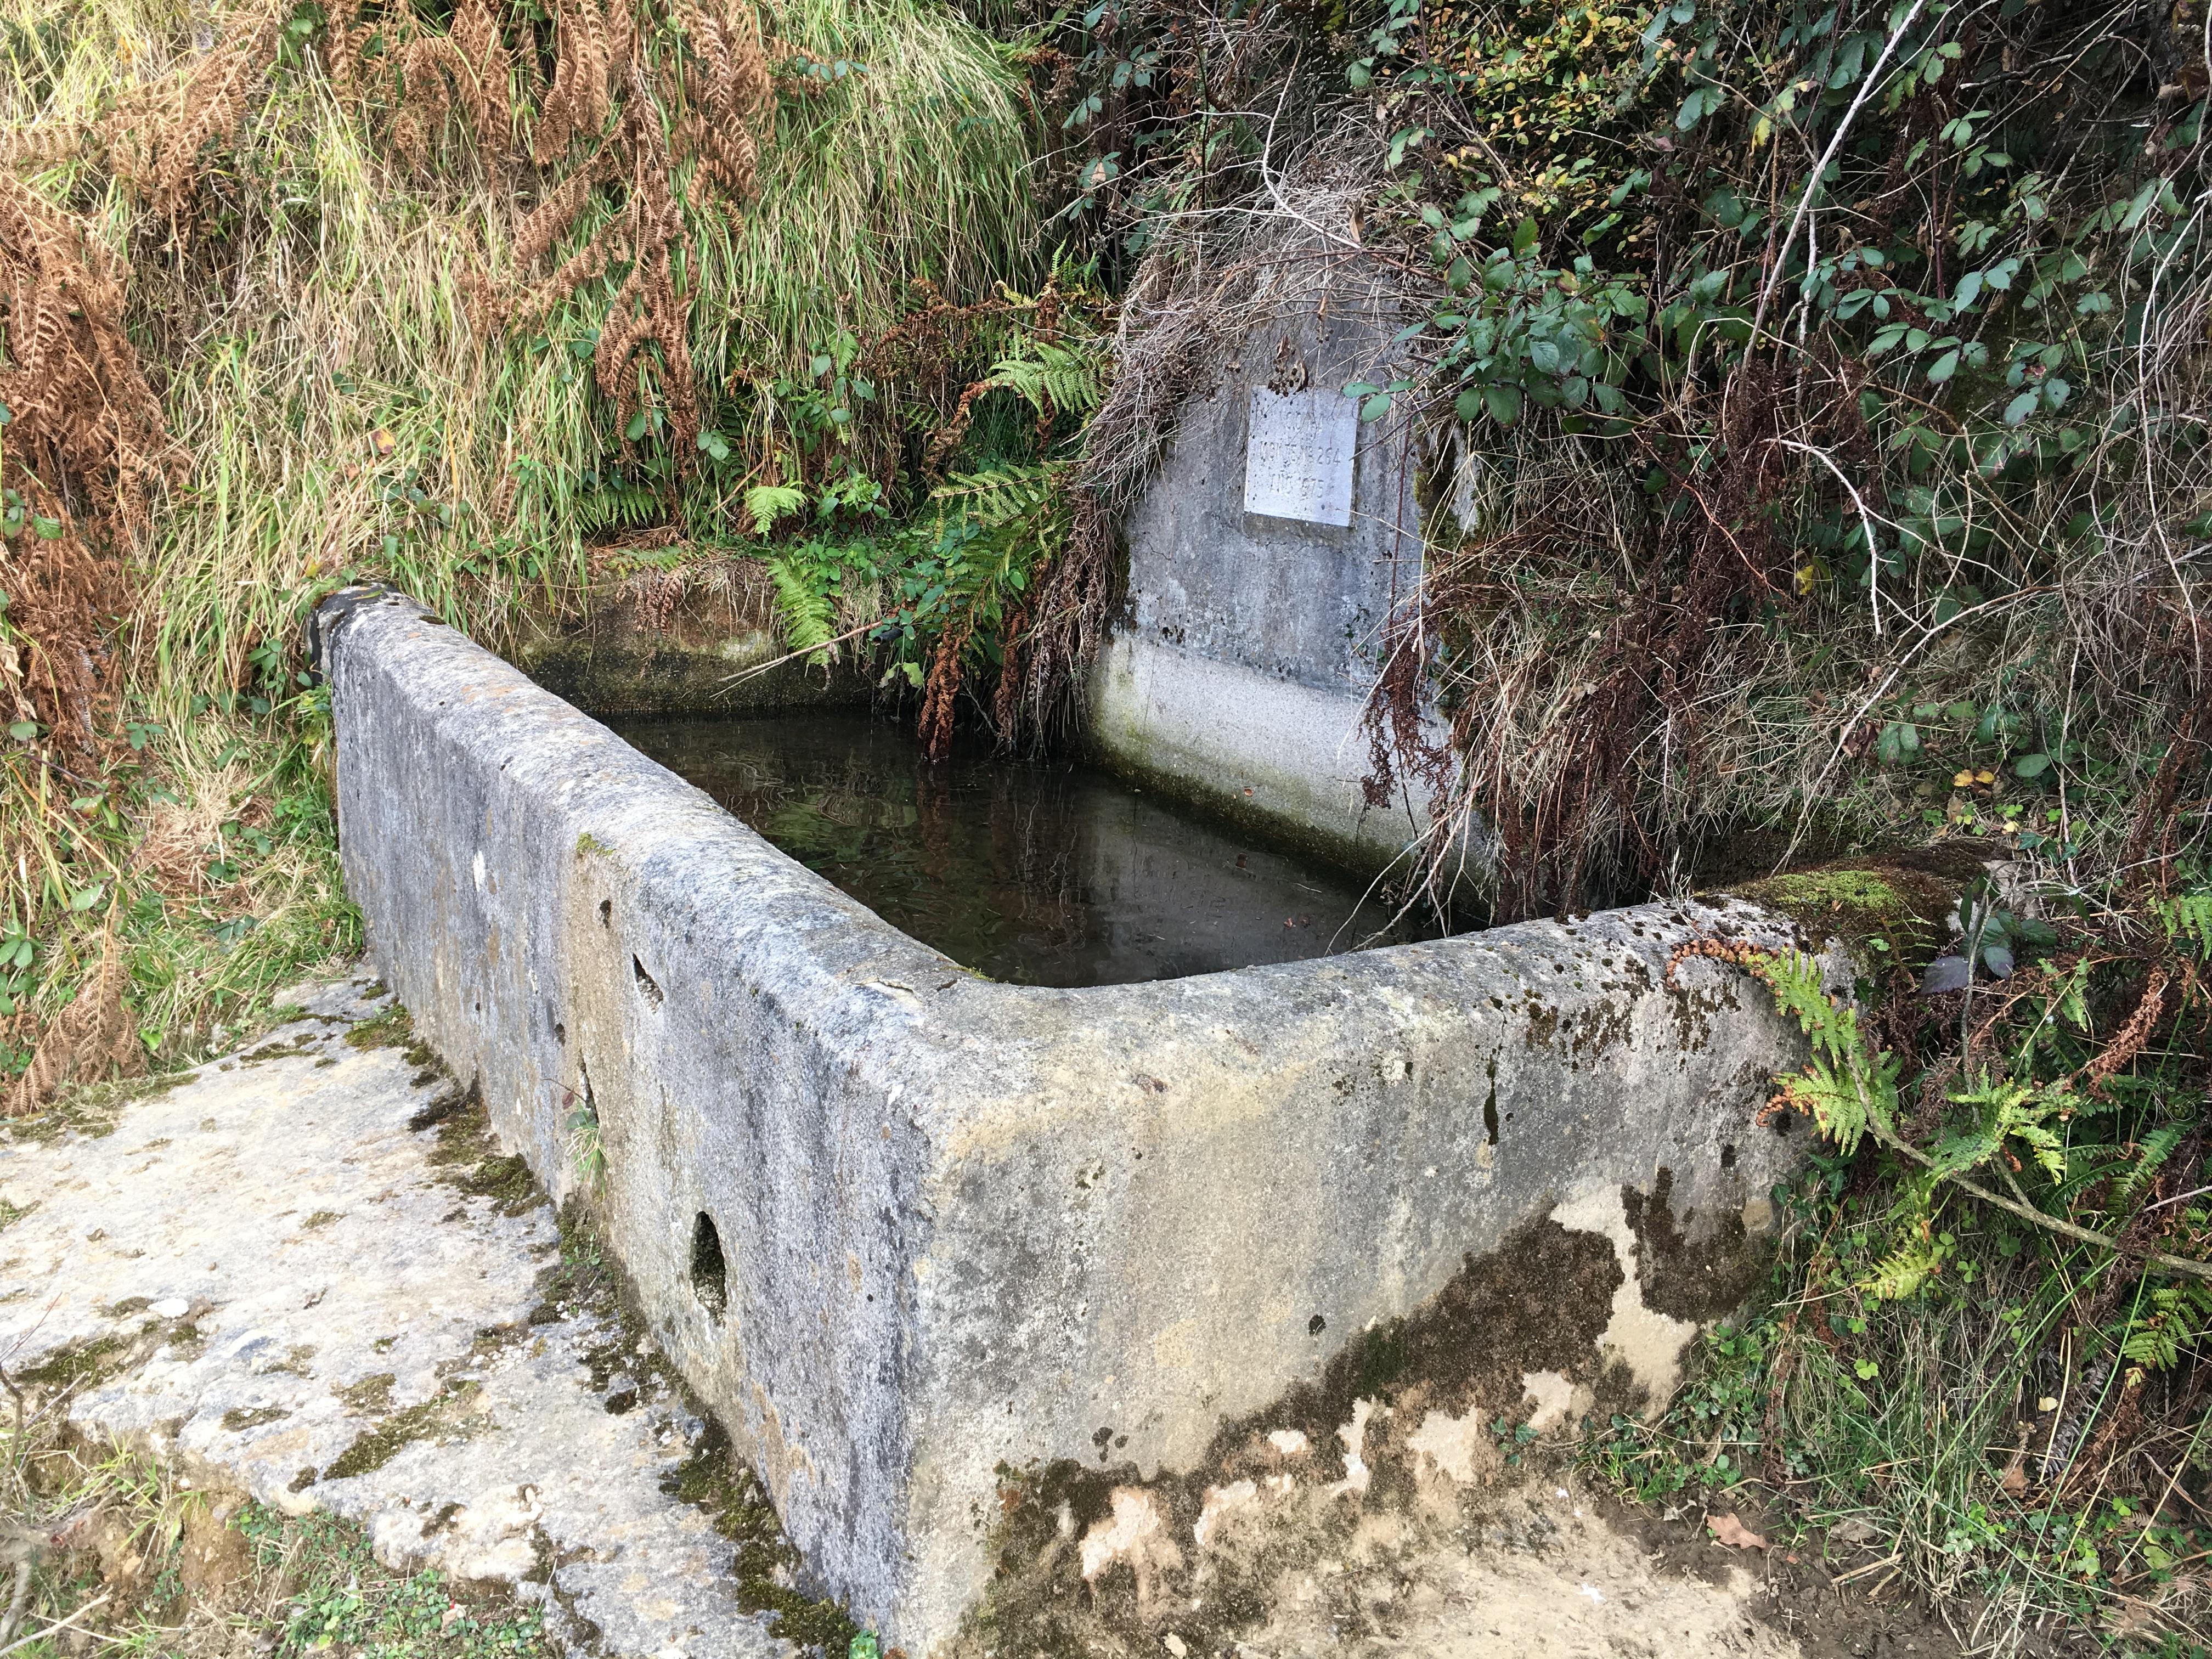 Valle de La Vara (Riosa): Fuente Bermeya (El Cordal)